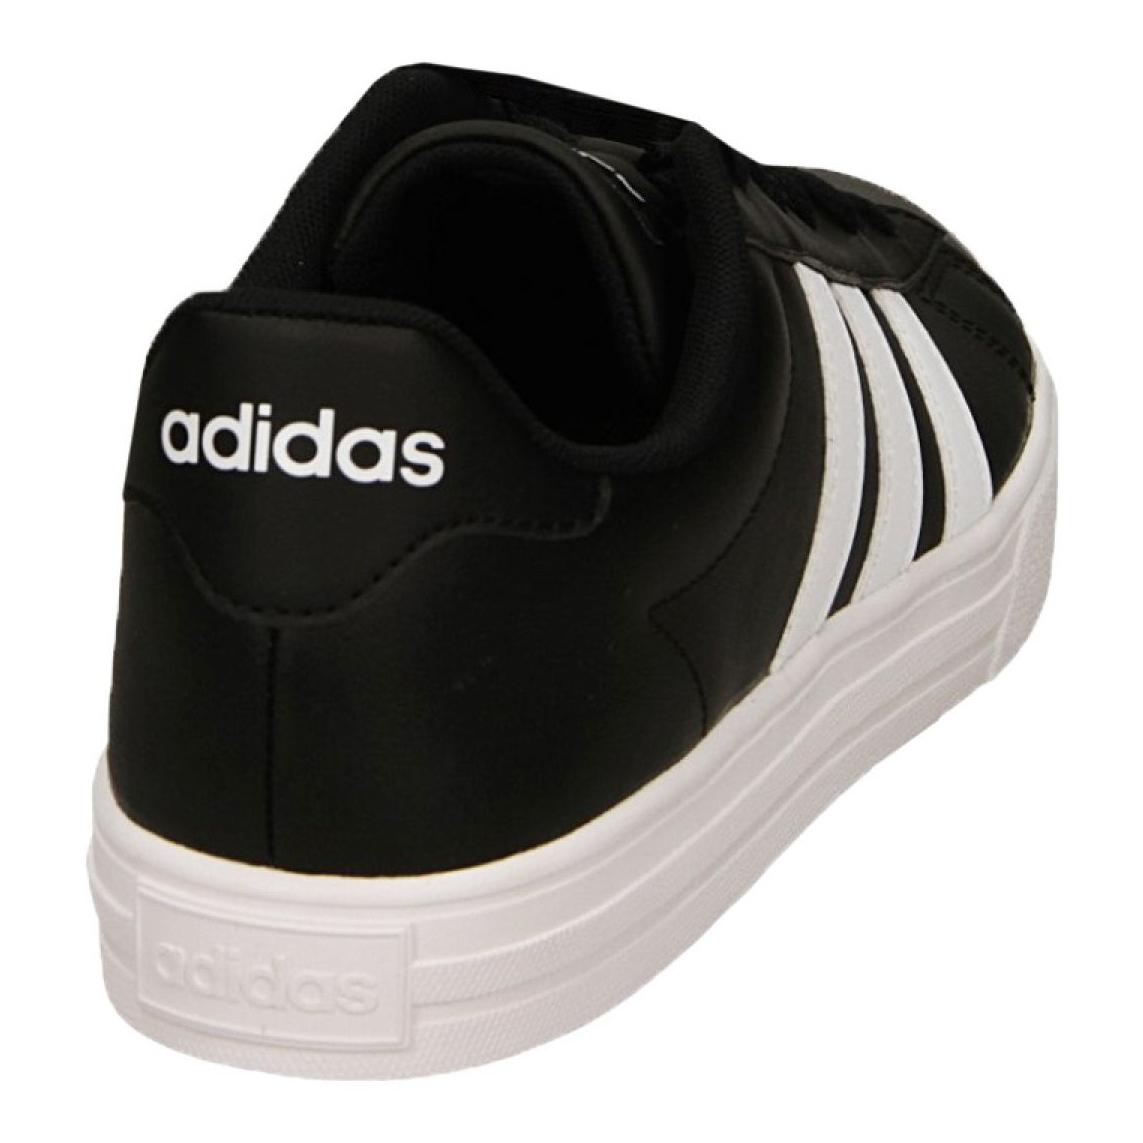 adidas Daily 2.0 Herren Sneaker Schwarz Schuhe, Größe:43 13